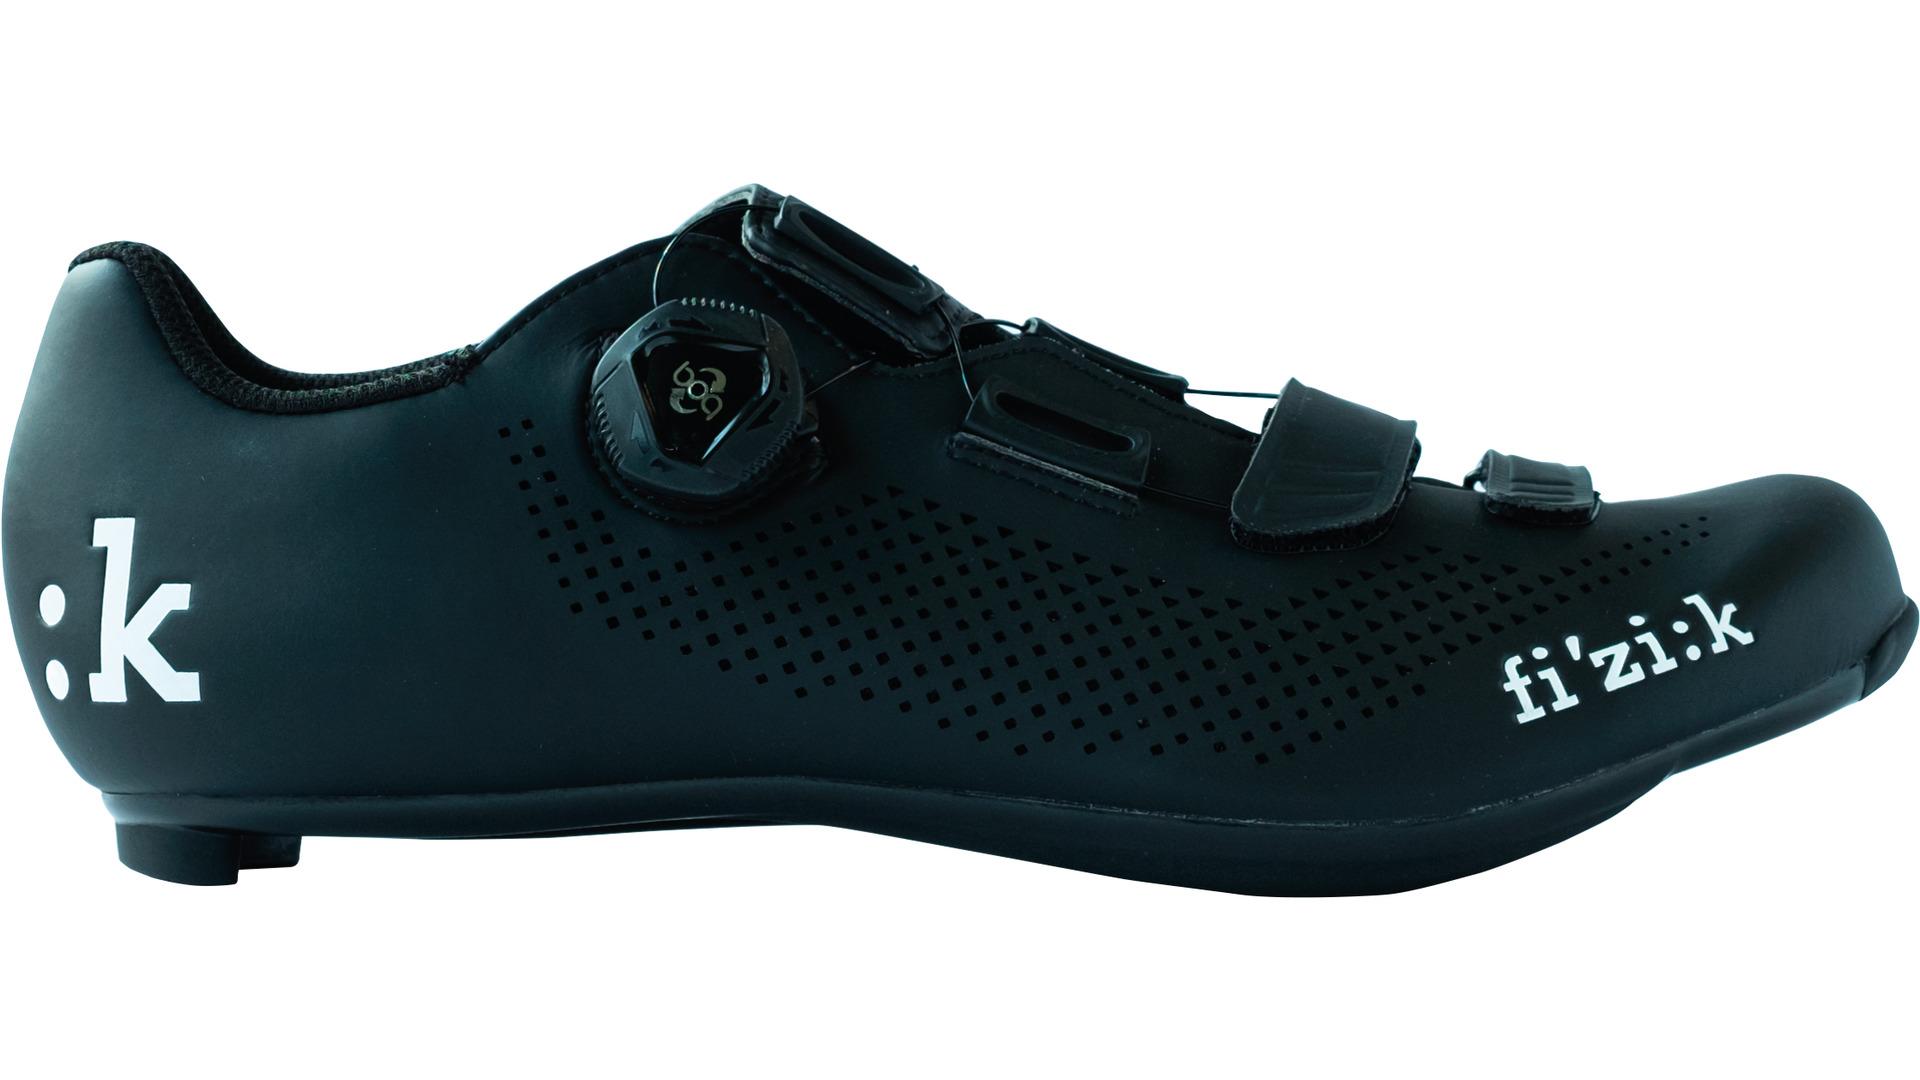 Details zu Fizik R4B Uomo Fahrrad Rennradschuh blackwhite mit Boa Drehverschlusssystem